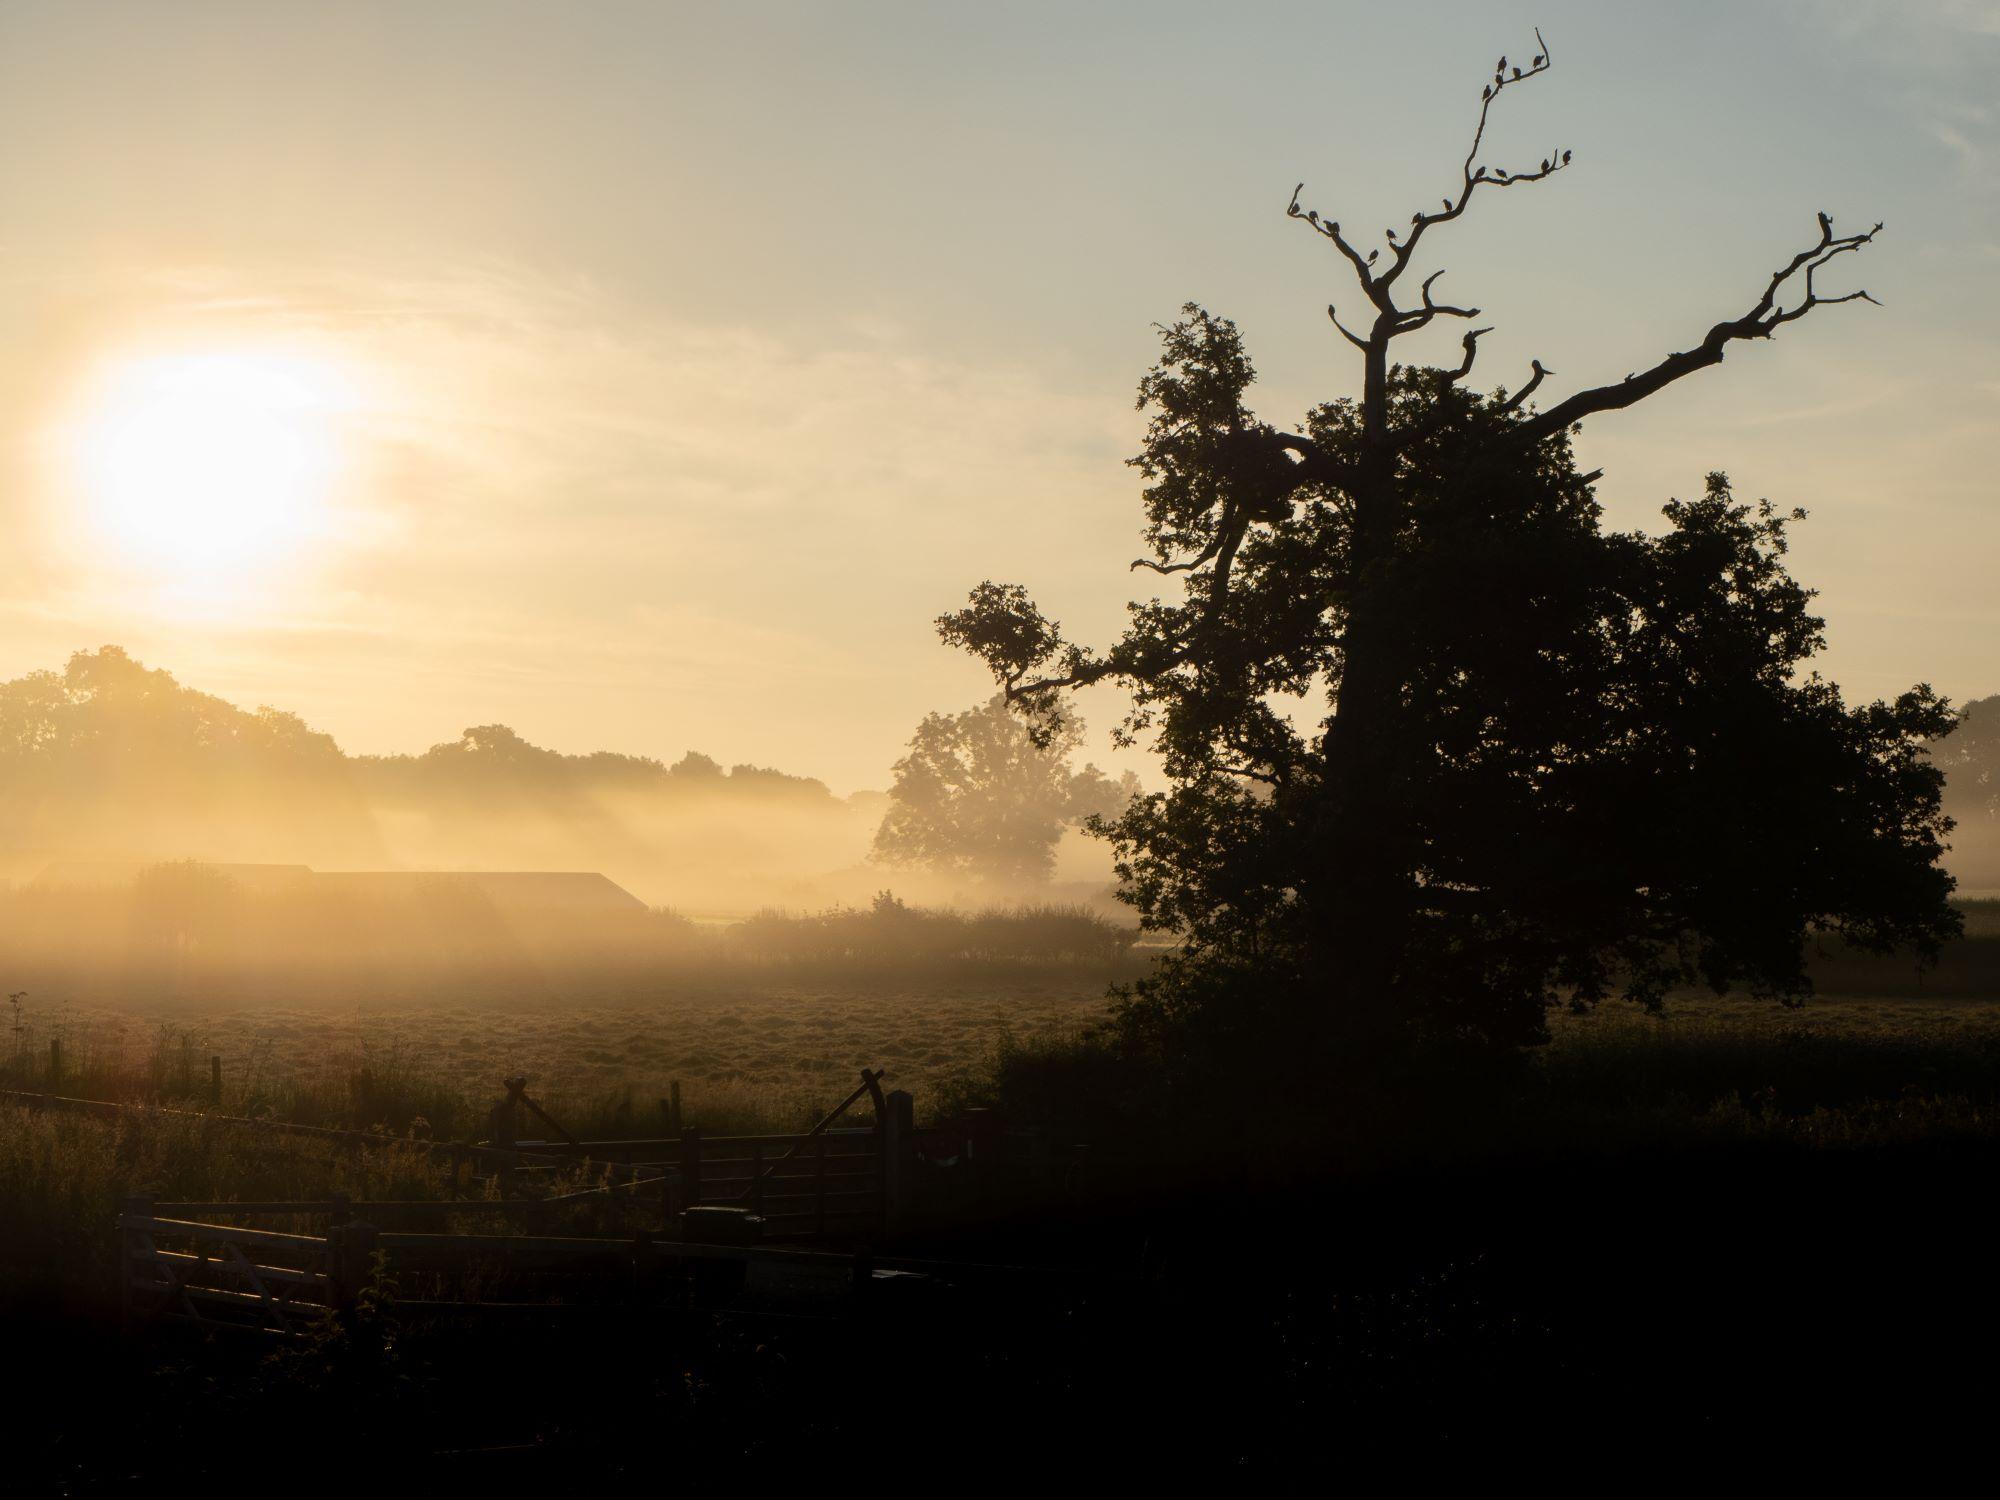 July misty morning West Felton